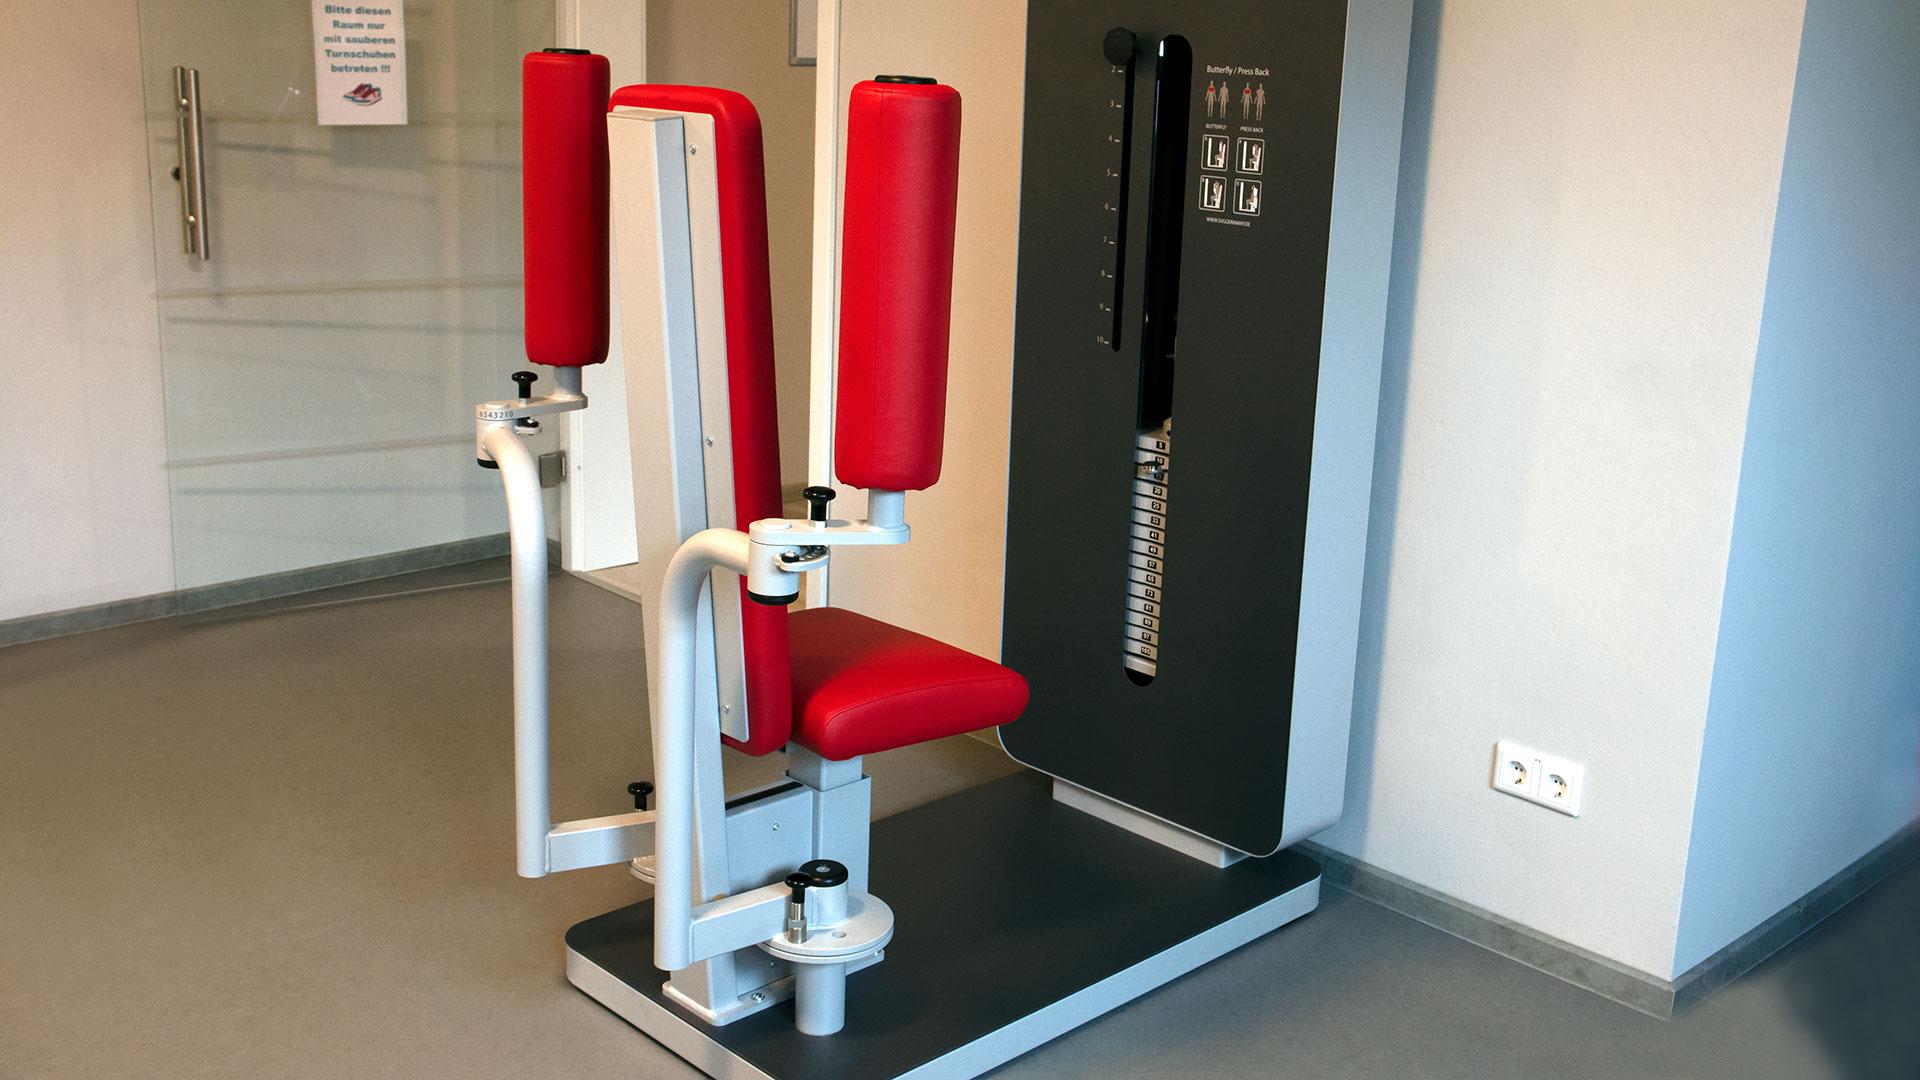 rhoenfit_fitnessstudio_geraete_bertsch_020319_02